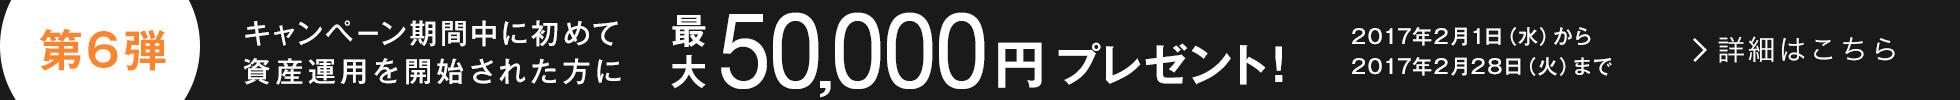 キャンペーン第6弾:キャンペーン期間中に初めて資産運用を開始された方に最大50,000円プレゼント!2017年2月1日(水)から2017年2月28日(火)まで